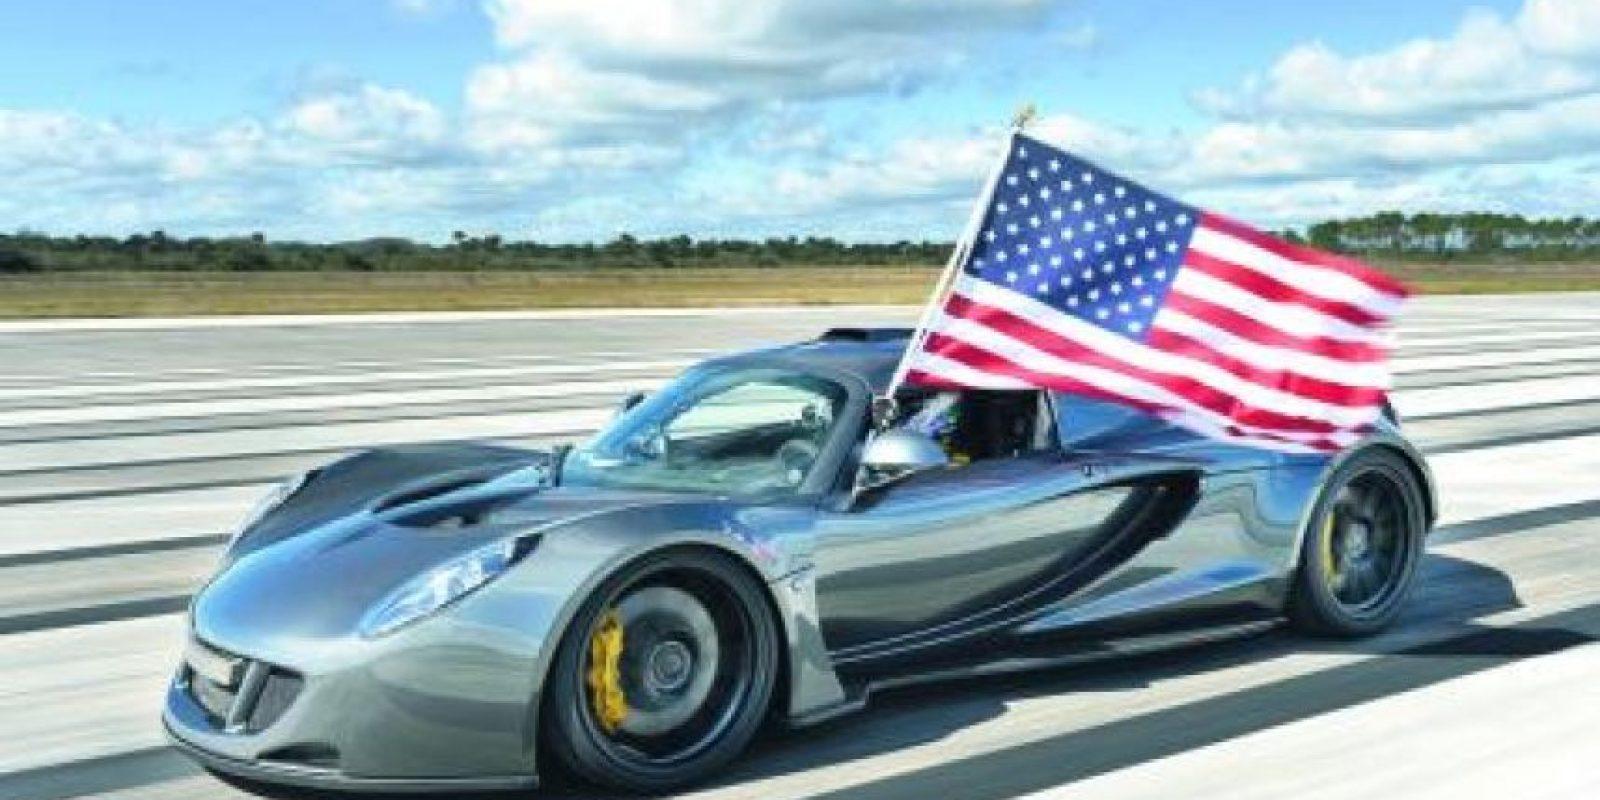 1- Hennessey Venom GT World Record Edition (270.4 MPH – 434 km/h). Esta impresionante velocidad la logra gracias a una extraordinaria relación peso-potencia y mínima resistencia al viento. Cuenta con un ligero chasis Lotus Elise y 1.244 caballos de fuerza producto de la sobrealimentación del 7.0 litros V8 a gasolina.Hennessey registró una carrera 270.4 millas por hora en el Centro Espacial Kennedy el año pasado. Pese a que para ser considerado como auto de producción debe desarrollarse en serie, y Venom GT se produce a mano, muchos rivales someten a disputa el registro y el propio récord, por lo que Guinness no le considera el más veloz pese a subir la aguja de la adrenalina más allá que cualquiera. Foto:Metro